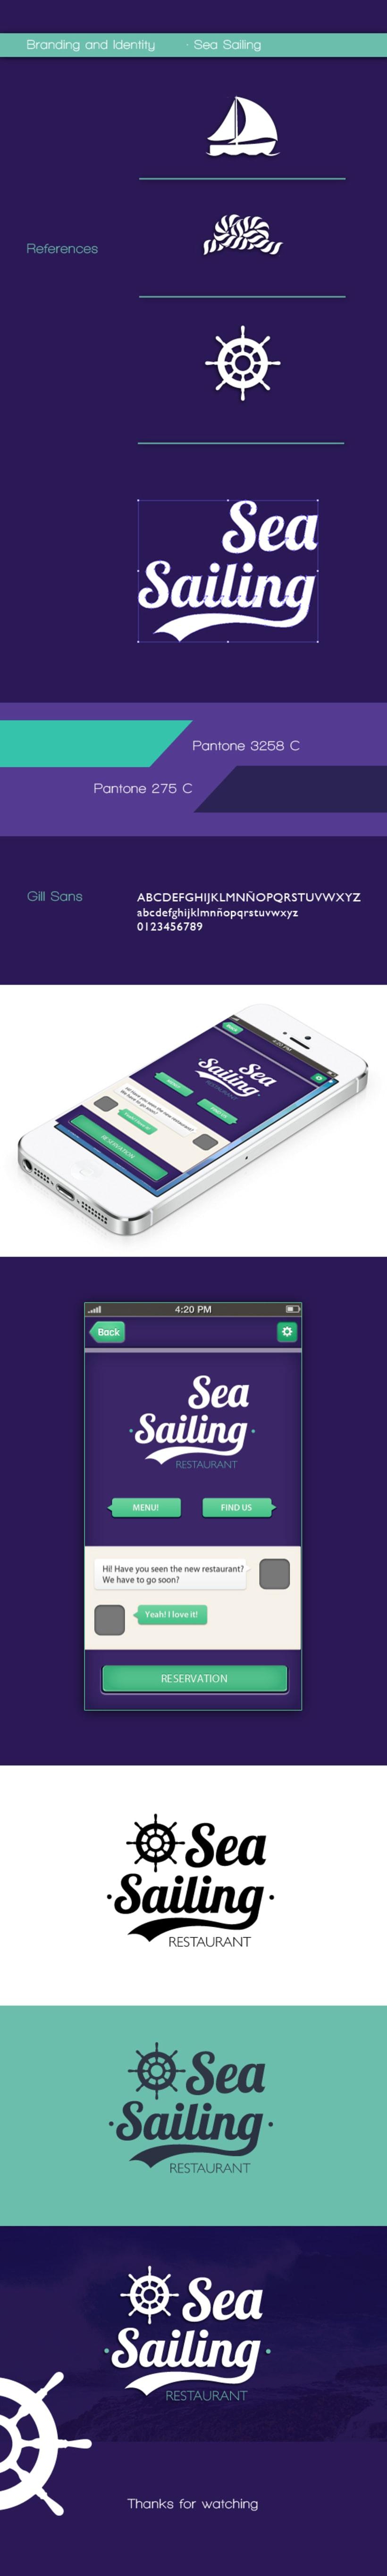 Sea Sailing -1